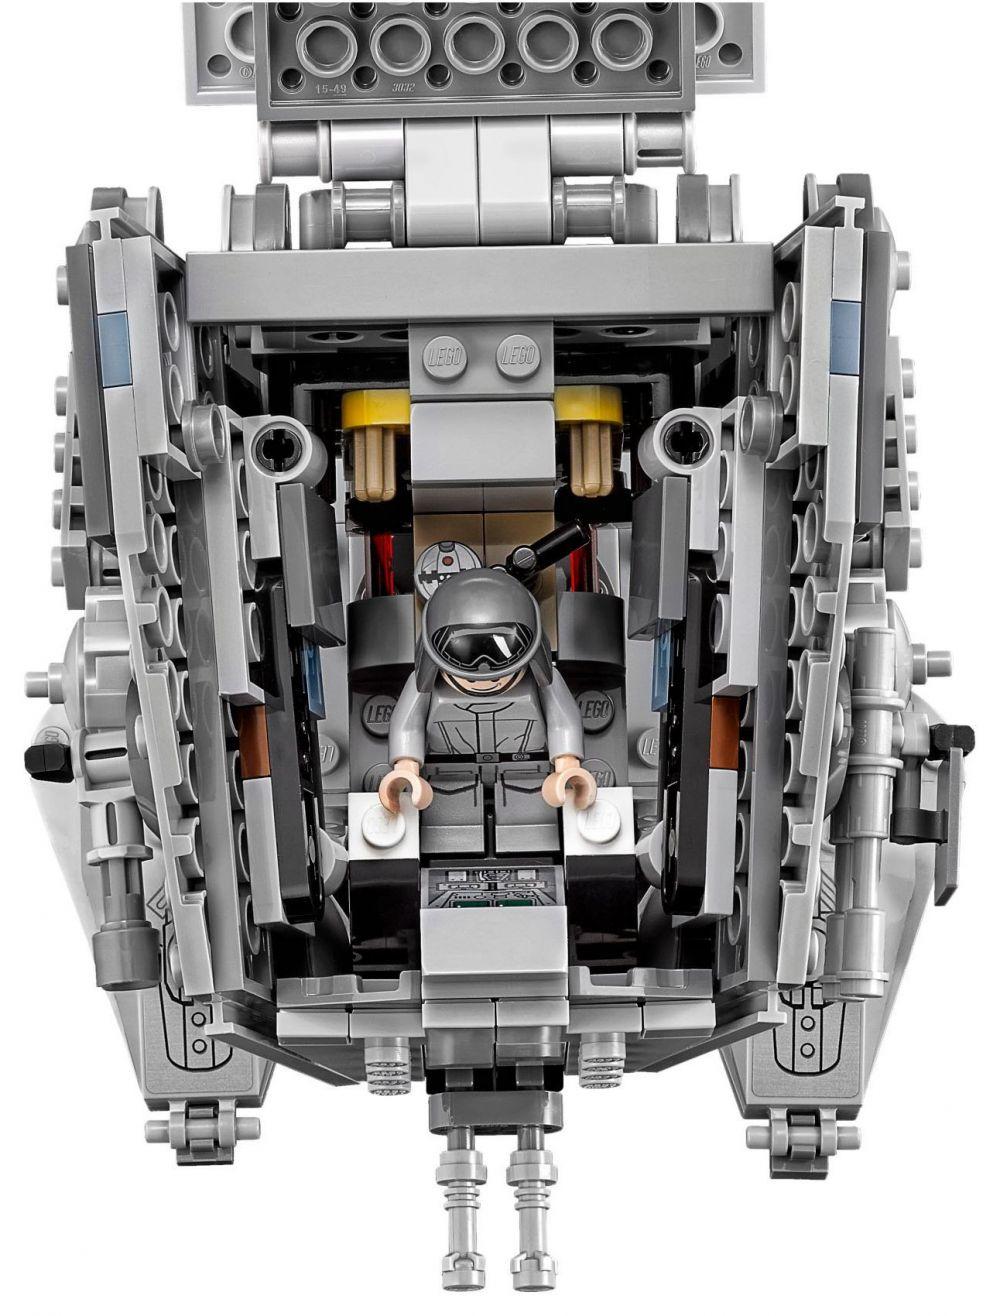 lego star wars 75153 pas cher at st walker. Black Bedroom Furniture Sets. Home Design Ideas